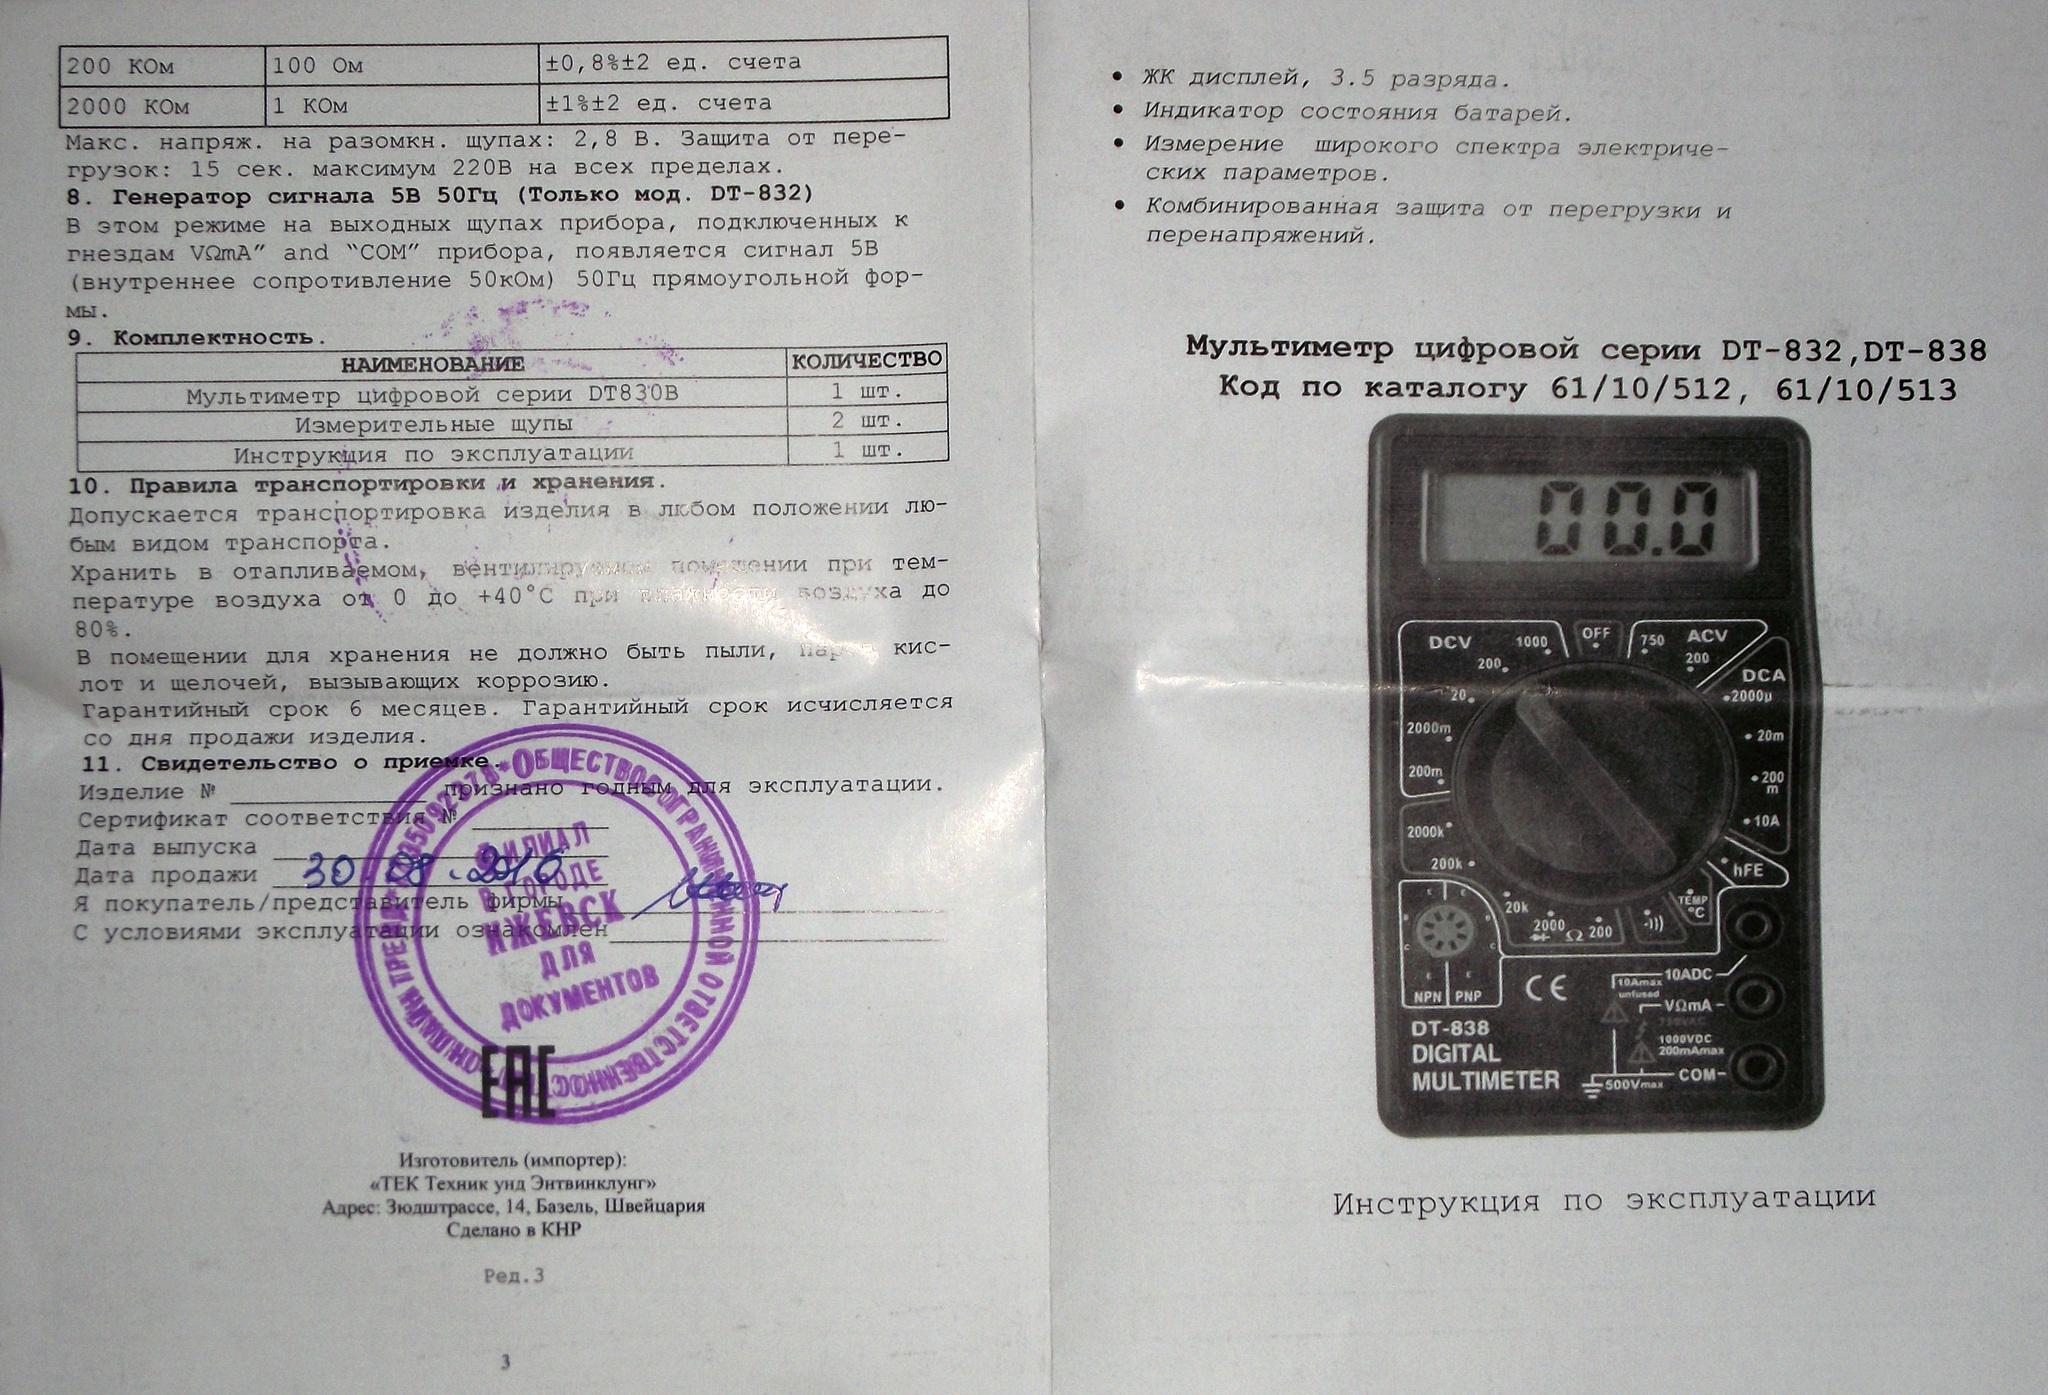 мультиметр дт-838 инструкция по пользованию